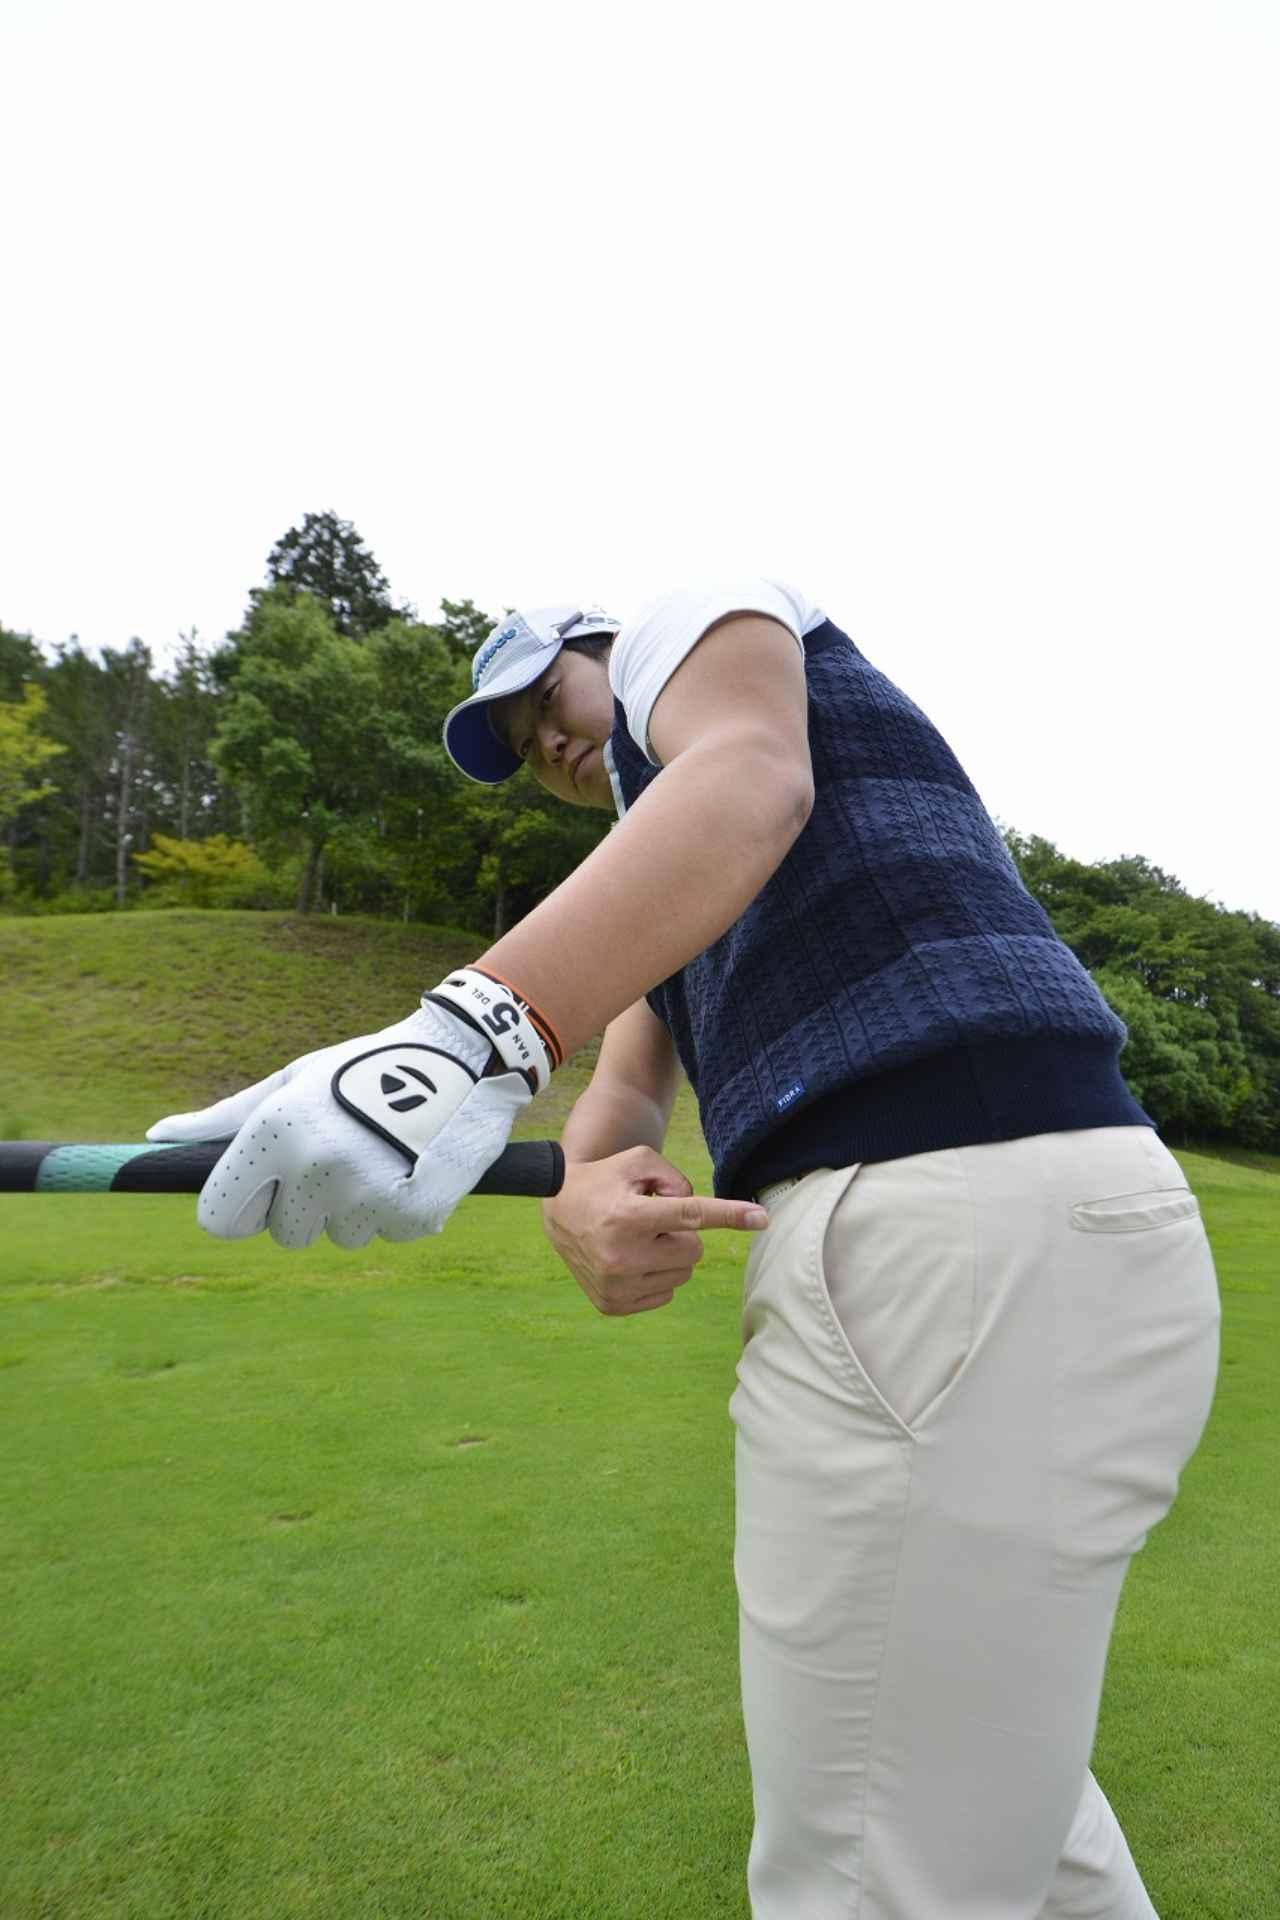 画像: グリップエンドは左腰を指し続ける。体とグリップの距離を保つためには、グリップエンドが左腰を指すようにクラブを下ろしてくるといい。